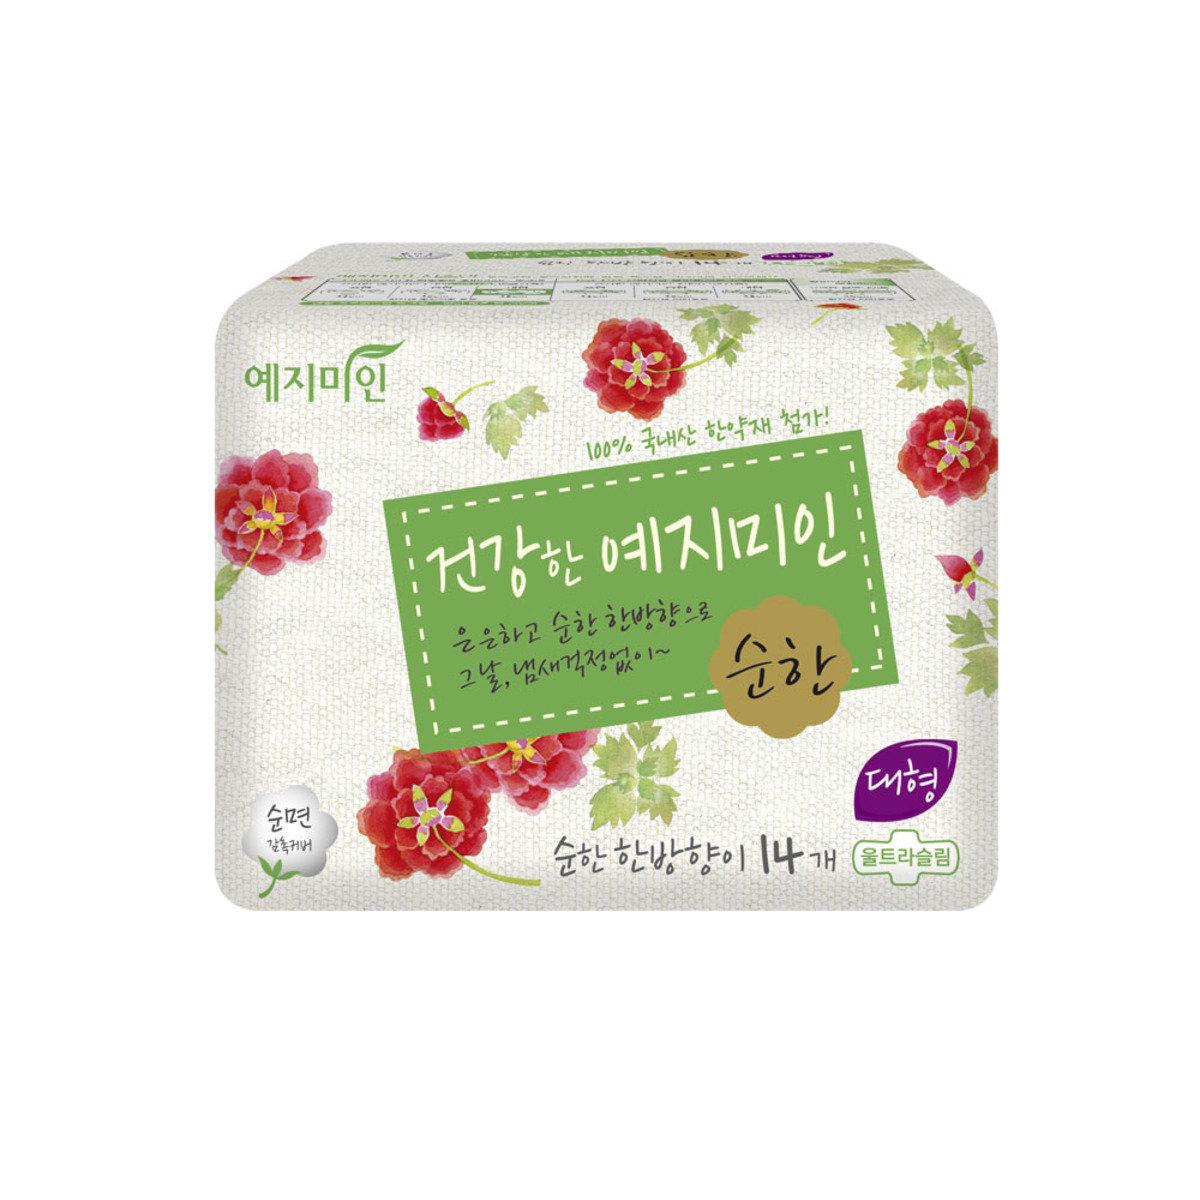 韓國漢方衛生巾 - 棉柔淡香 28CM 14片裝